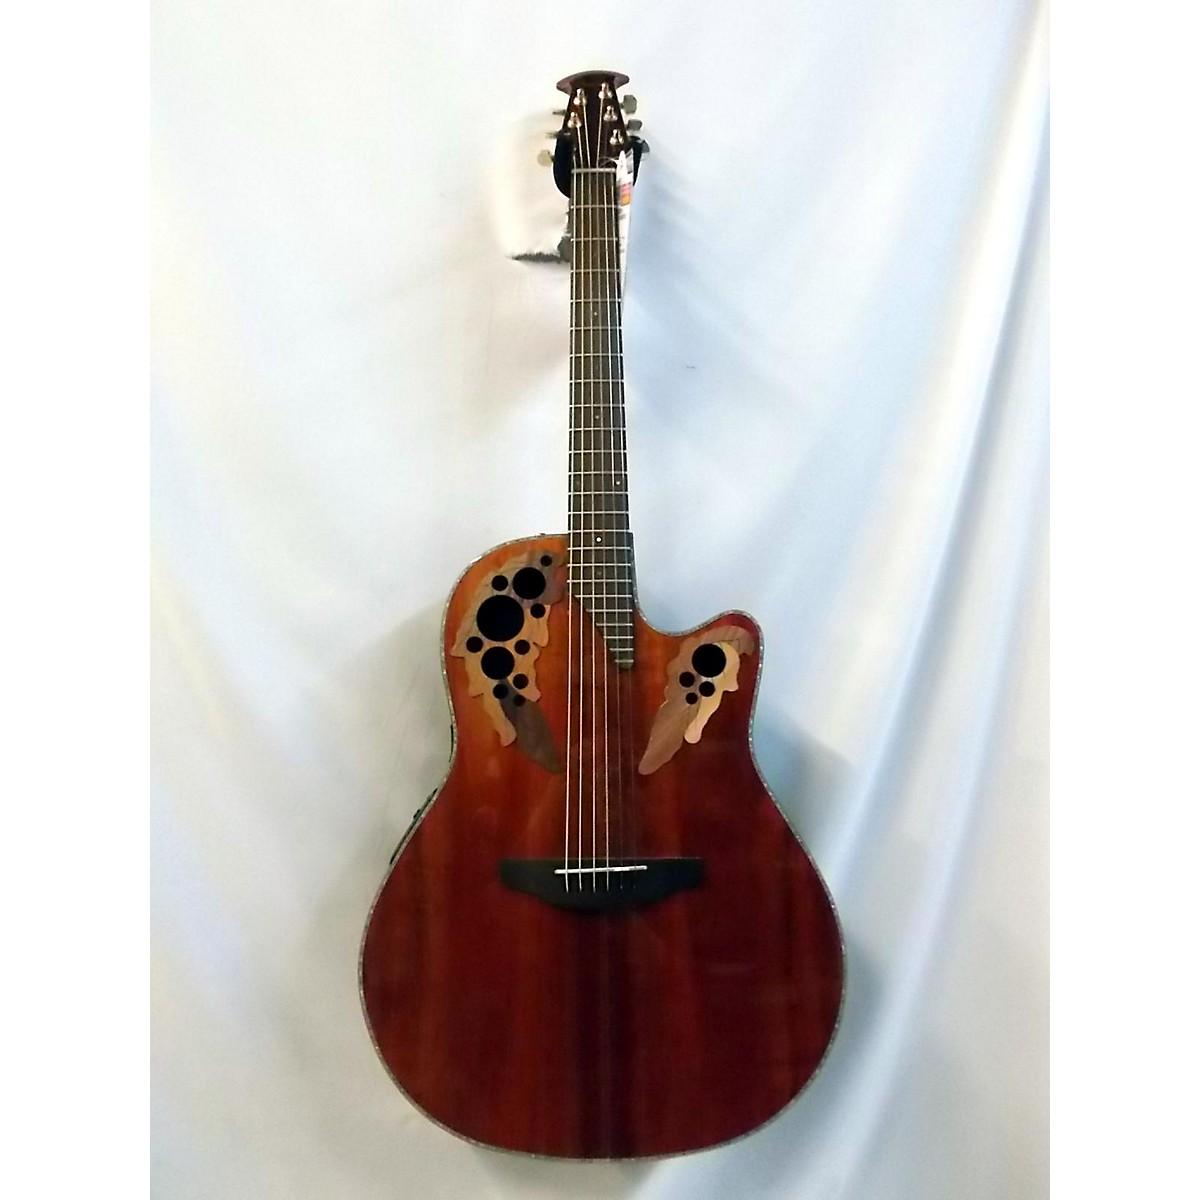 Ovation CELEBRITY CE44-P FKOA Acoustic Electric Guitar